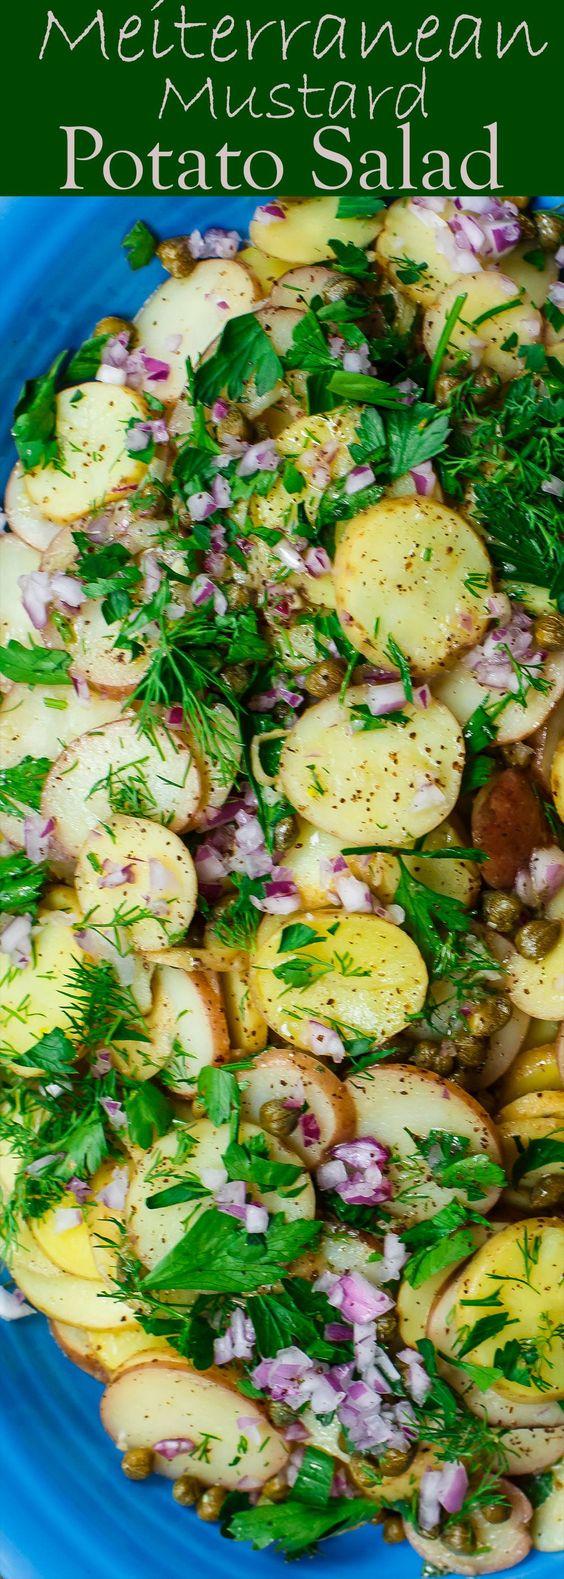 Easy Mediterranean Mustard Potato Salad